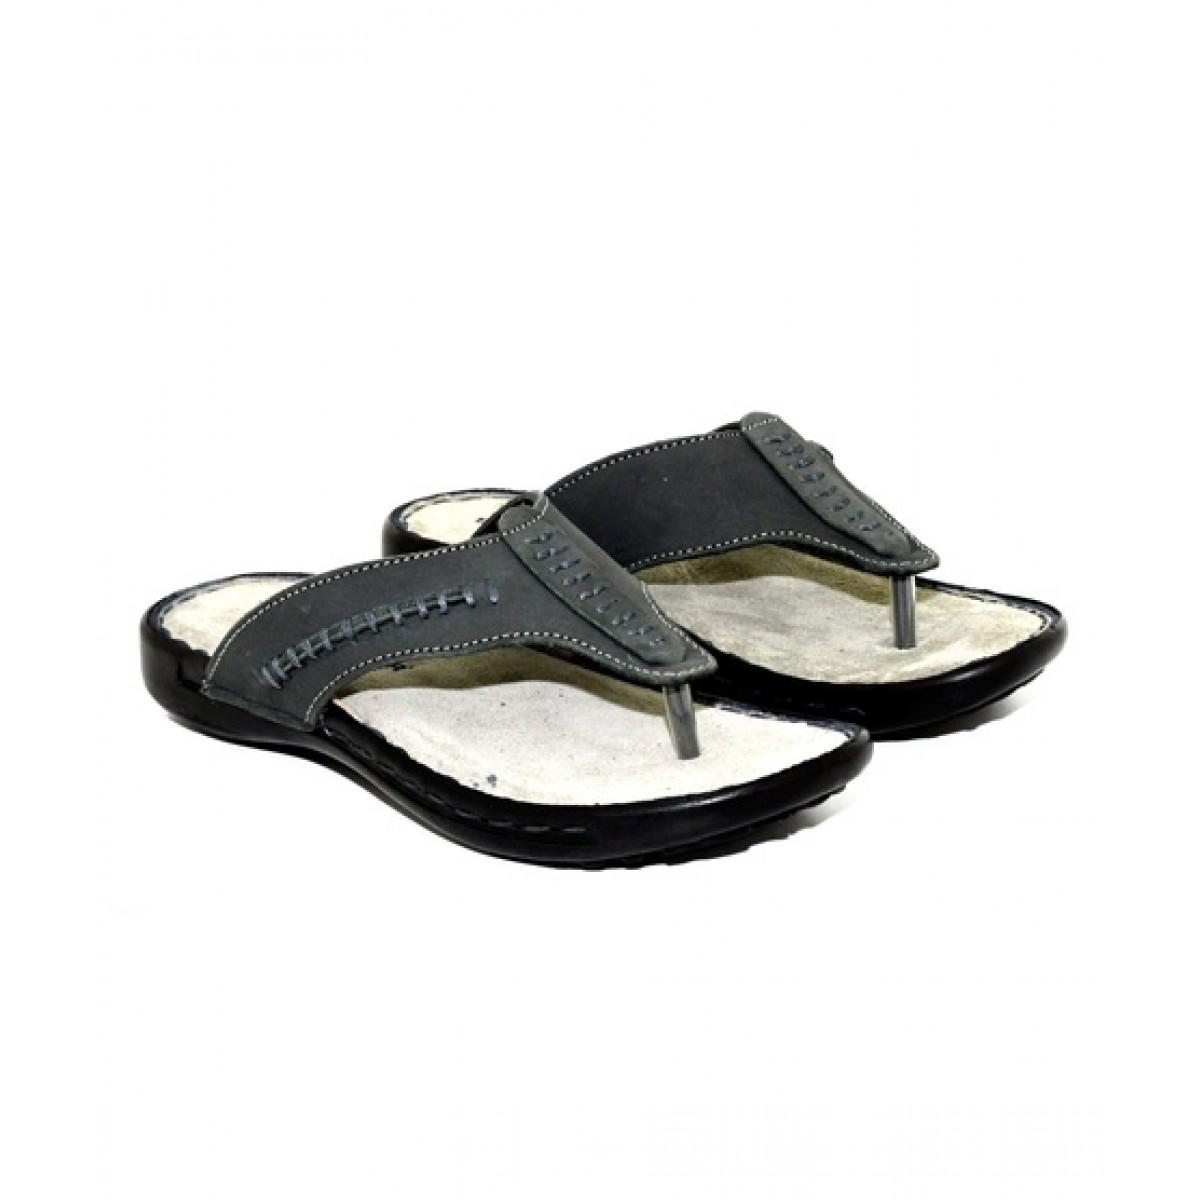 Bata Weinbrenner Slippers For Men Black (463-6893)